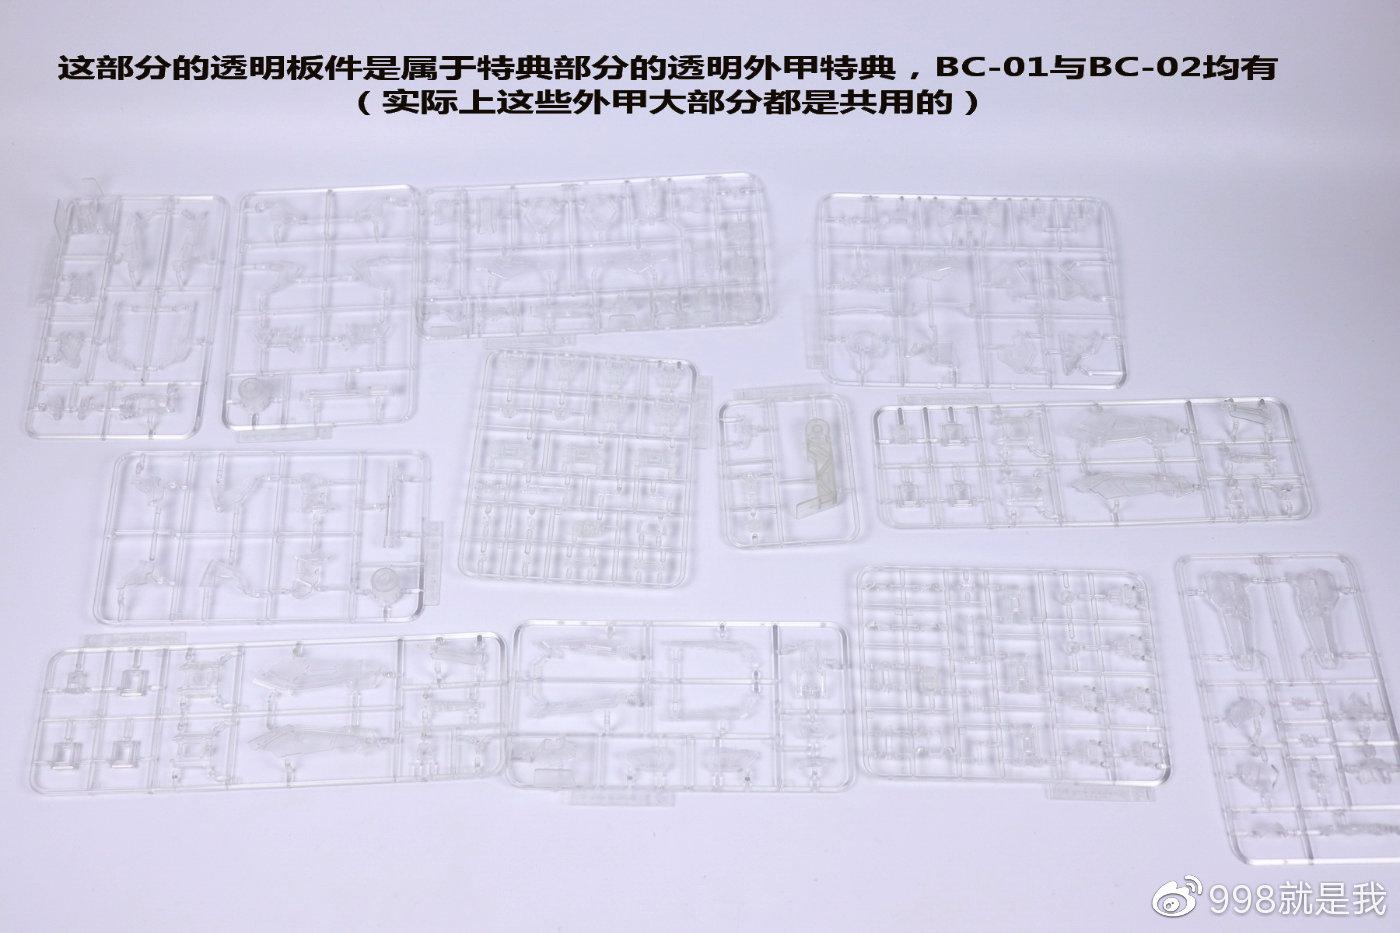 S334_S335_BC_T01_BC_T02_056.jpg